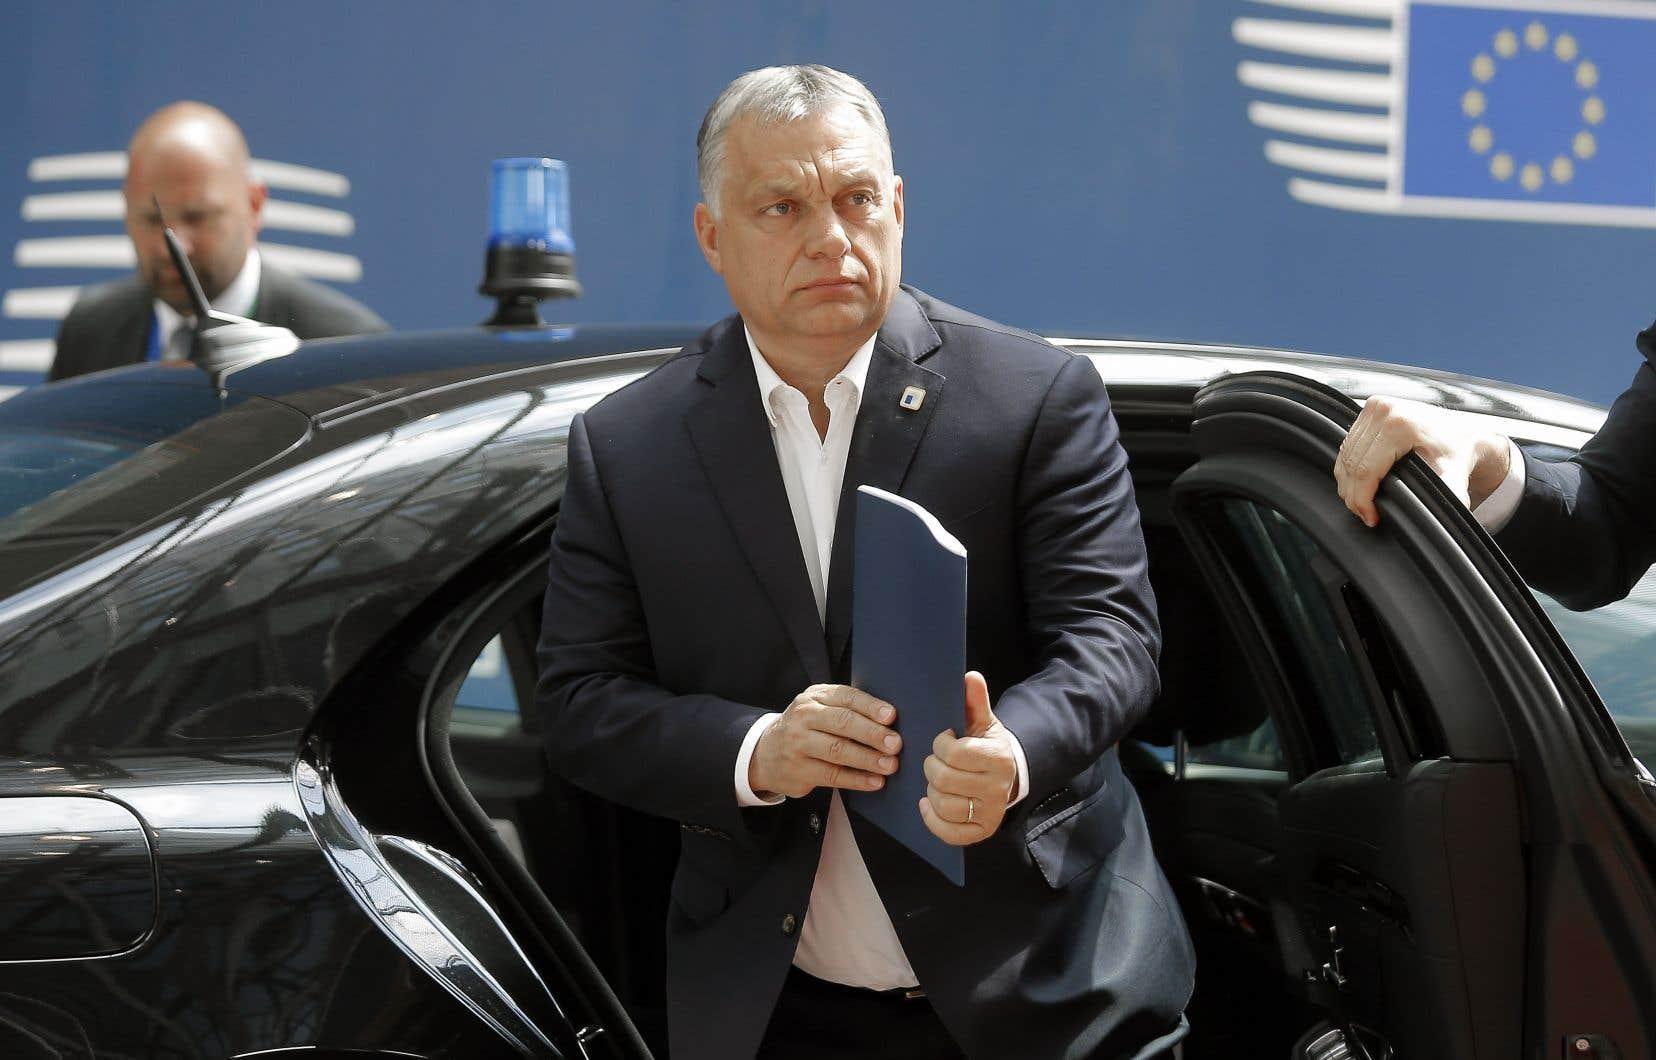 «[Viktor] Orbán a un discours tout à fait articulé, affirme Chantal Delsol. Il sait très bien où il va. On ne peut pas se contenter de le traiter de crétin. Il faut en discuter.»